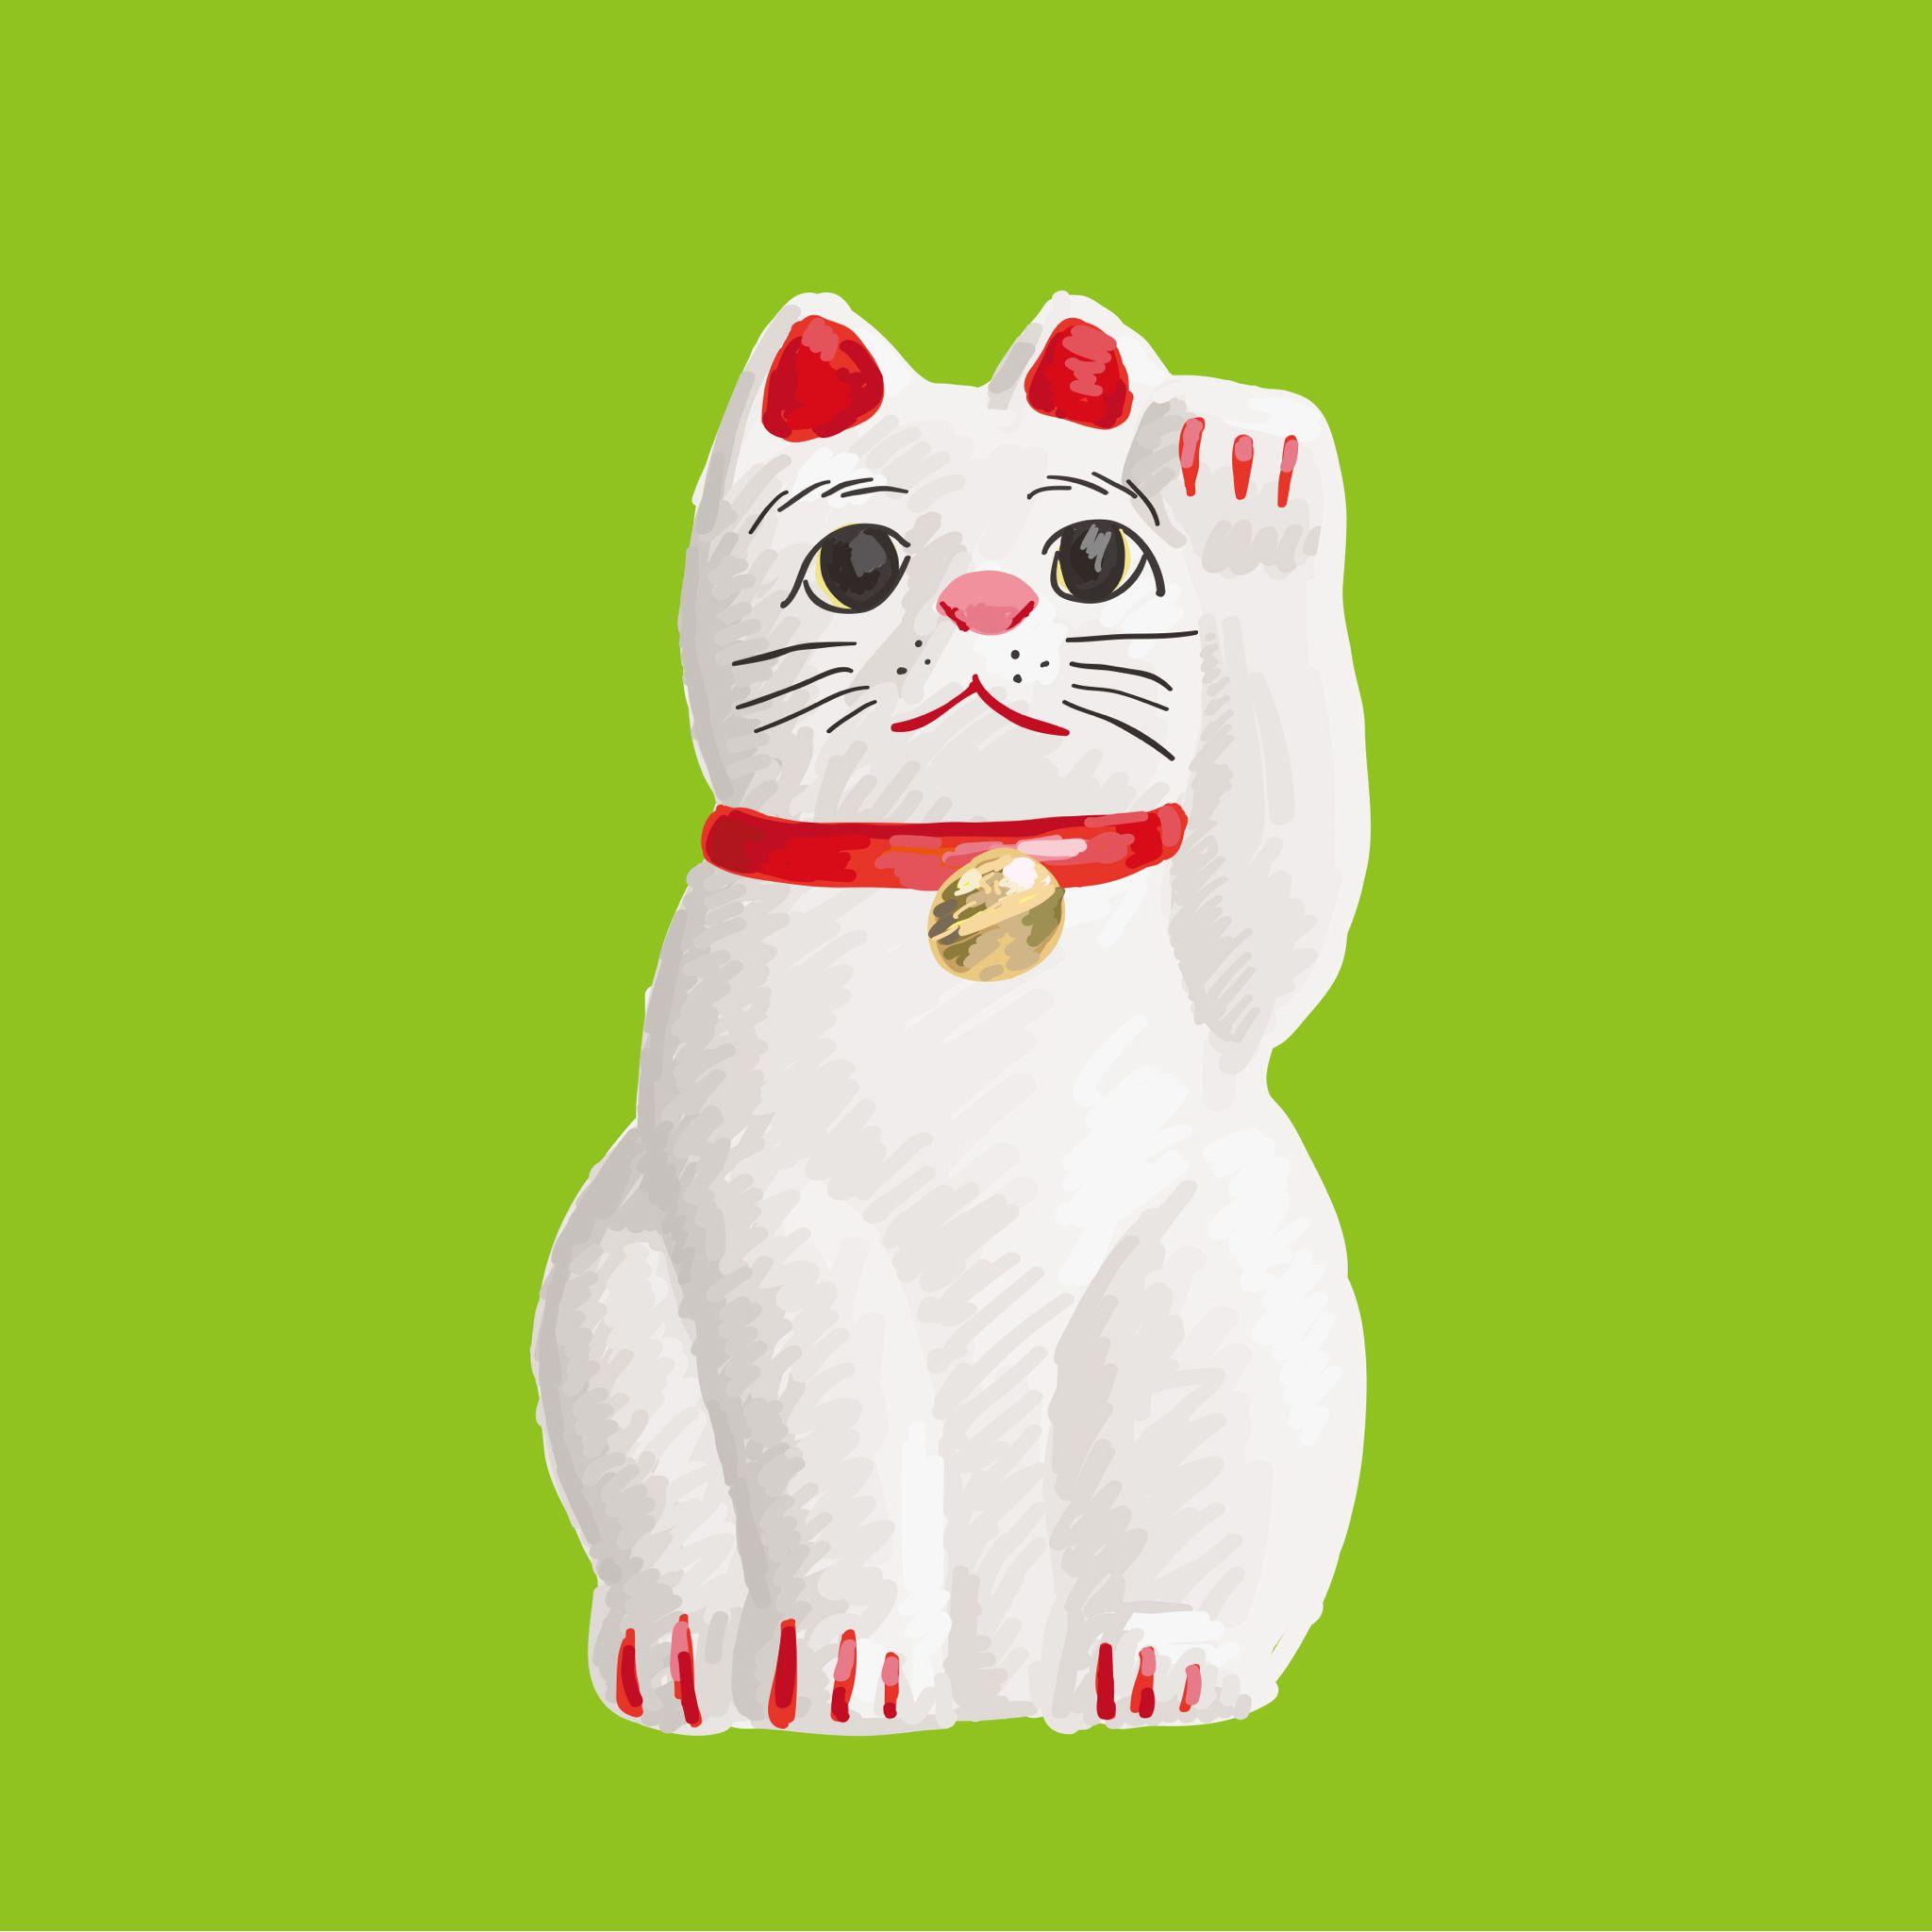 今日のイラストは招き猫